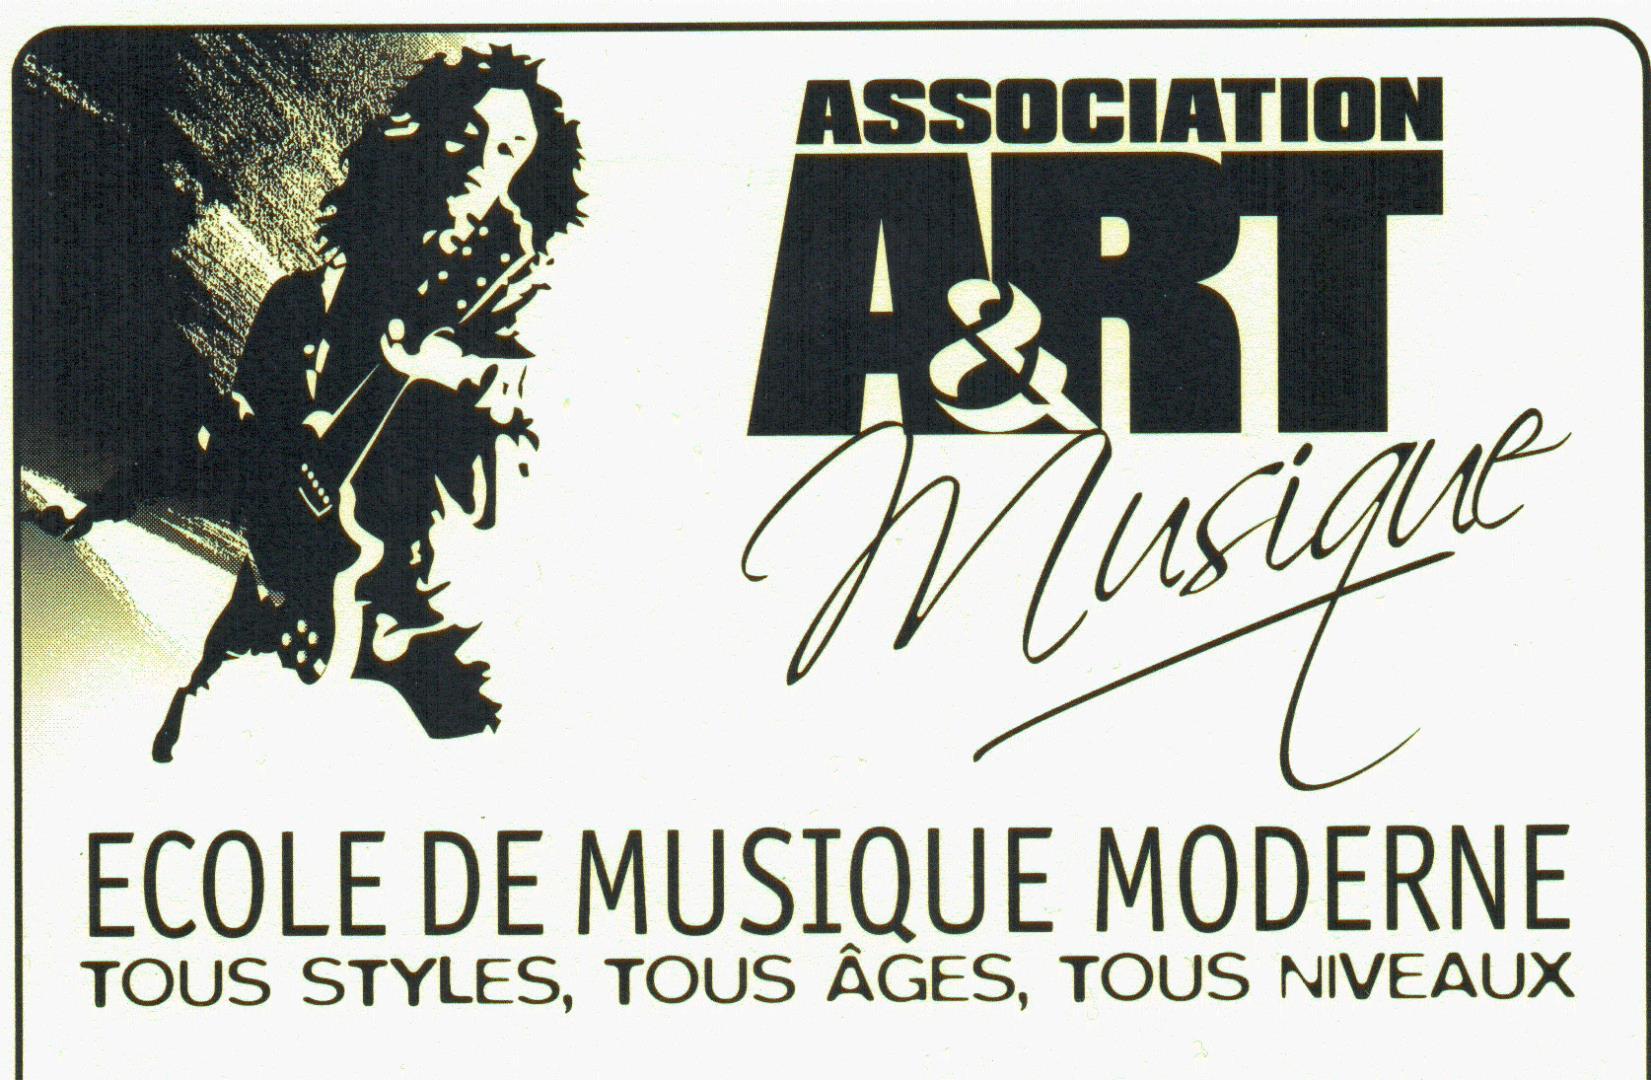 Association - Arts et Musiques Ecole de Musique moderne pour tous